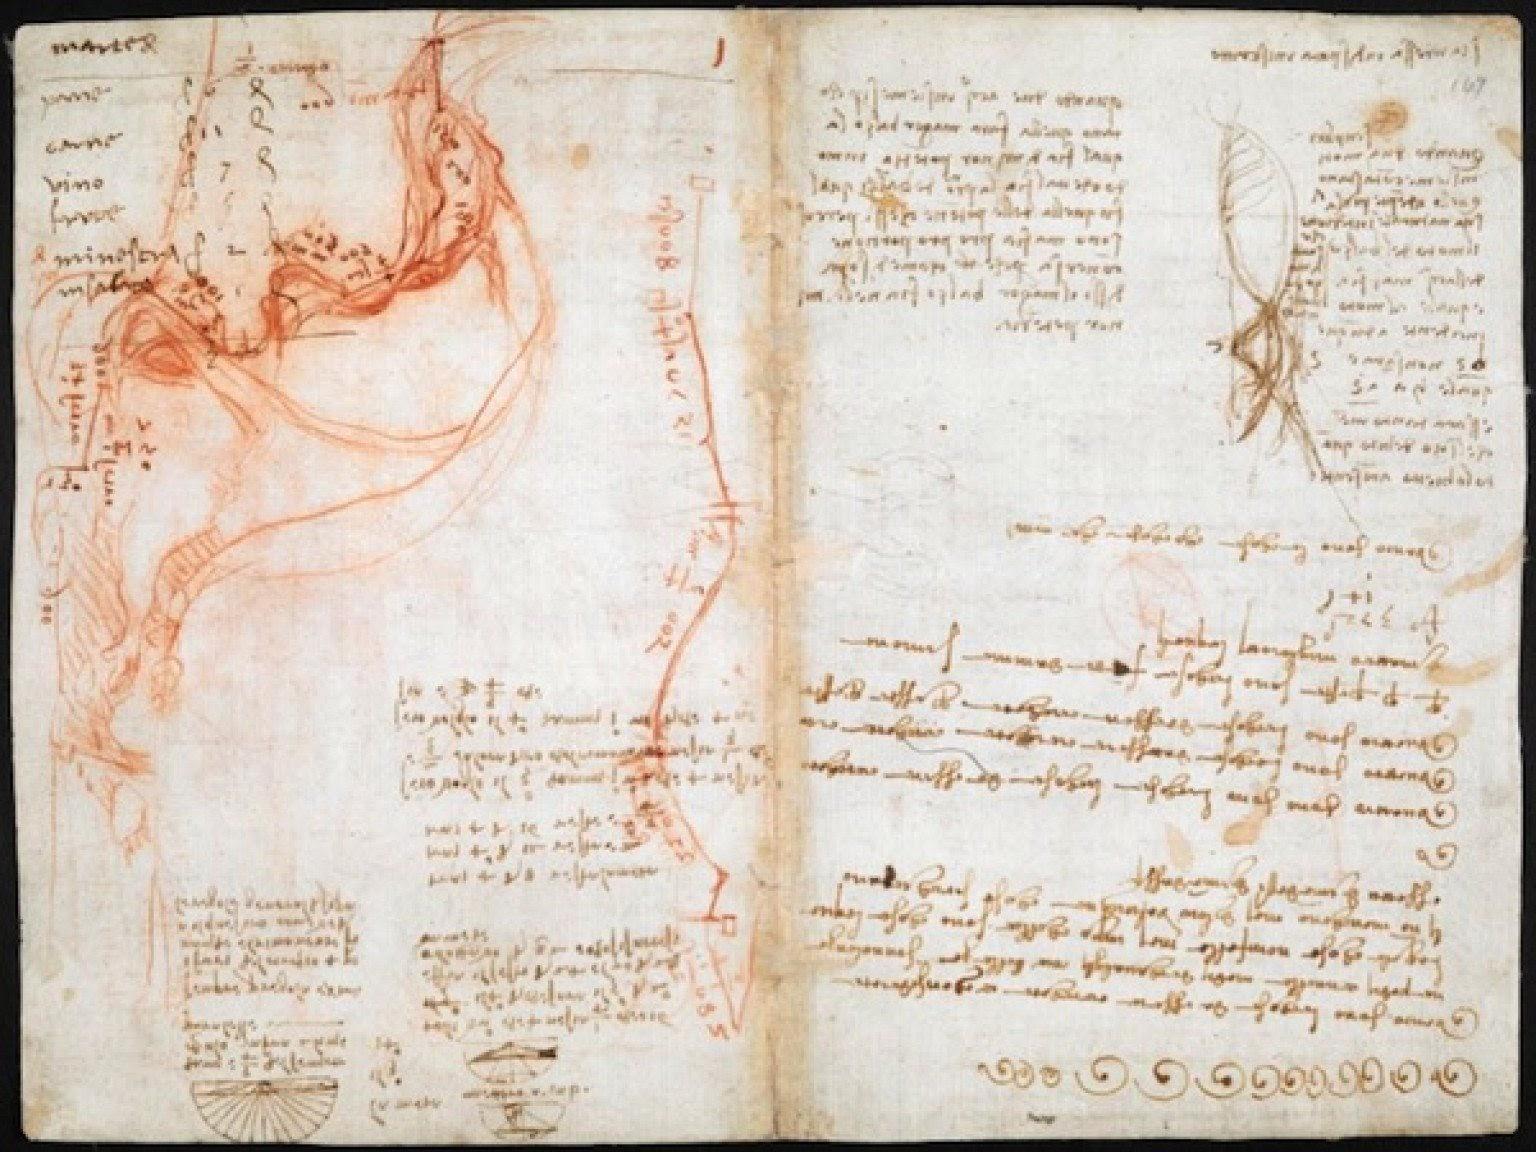 El diario de Leonardo da Vinci ya está disponible en formato digital totalmente gratis